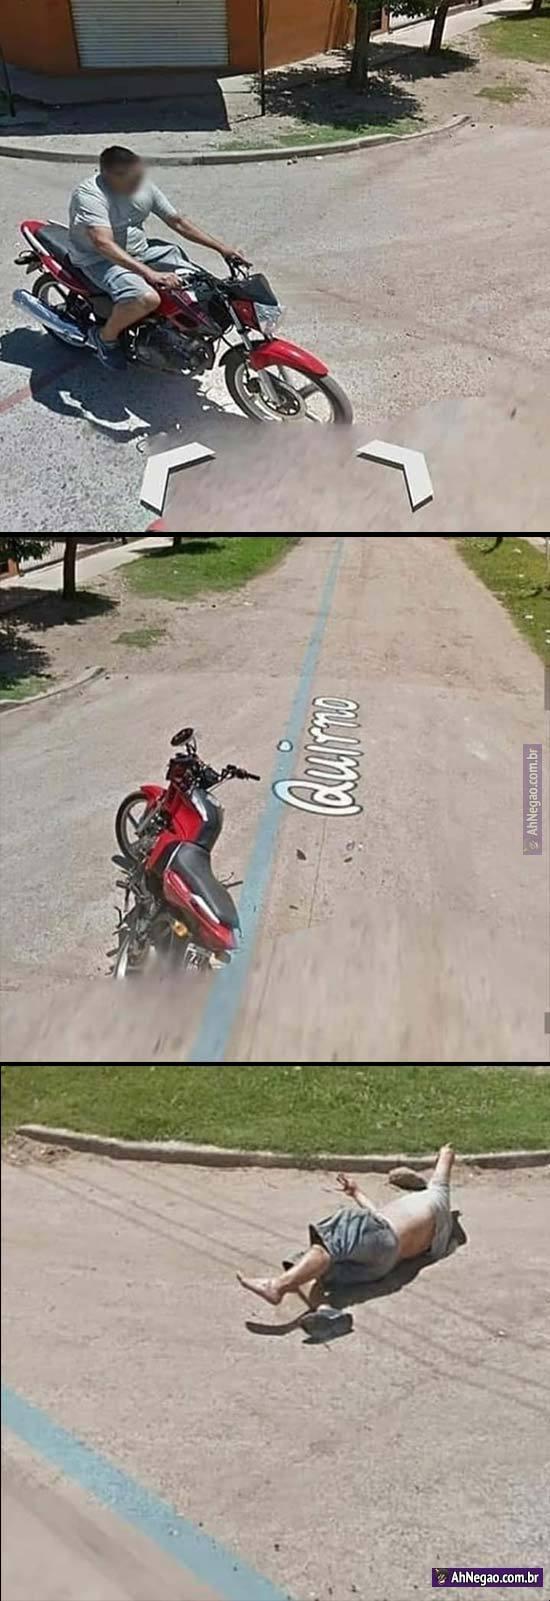 HUEHUEUHEUHEUHEUHEU MY DISCORD: Bear#3630 BORA FALA DE PUTARIA >:) - meme